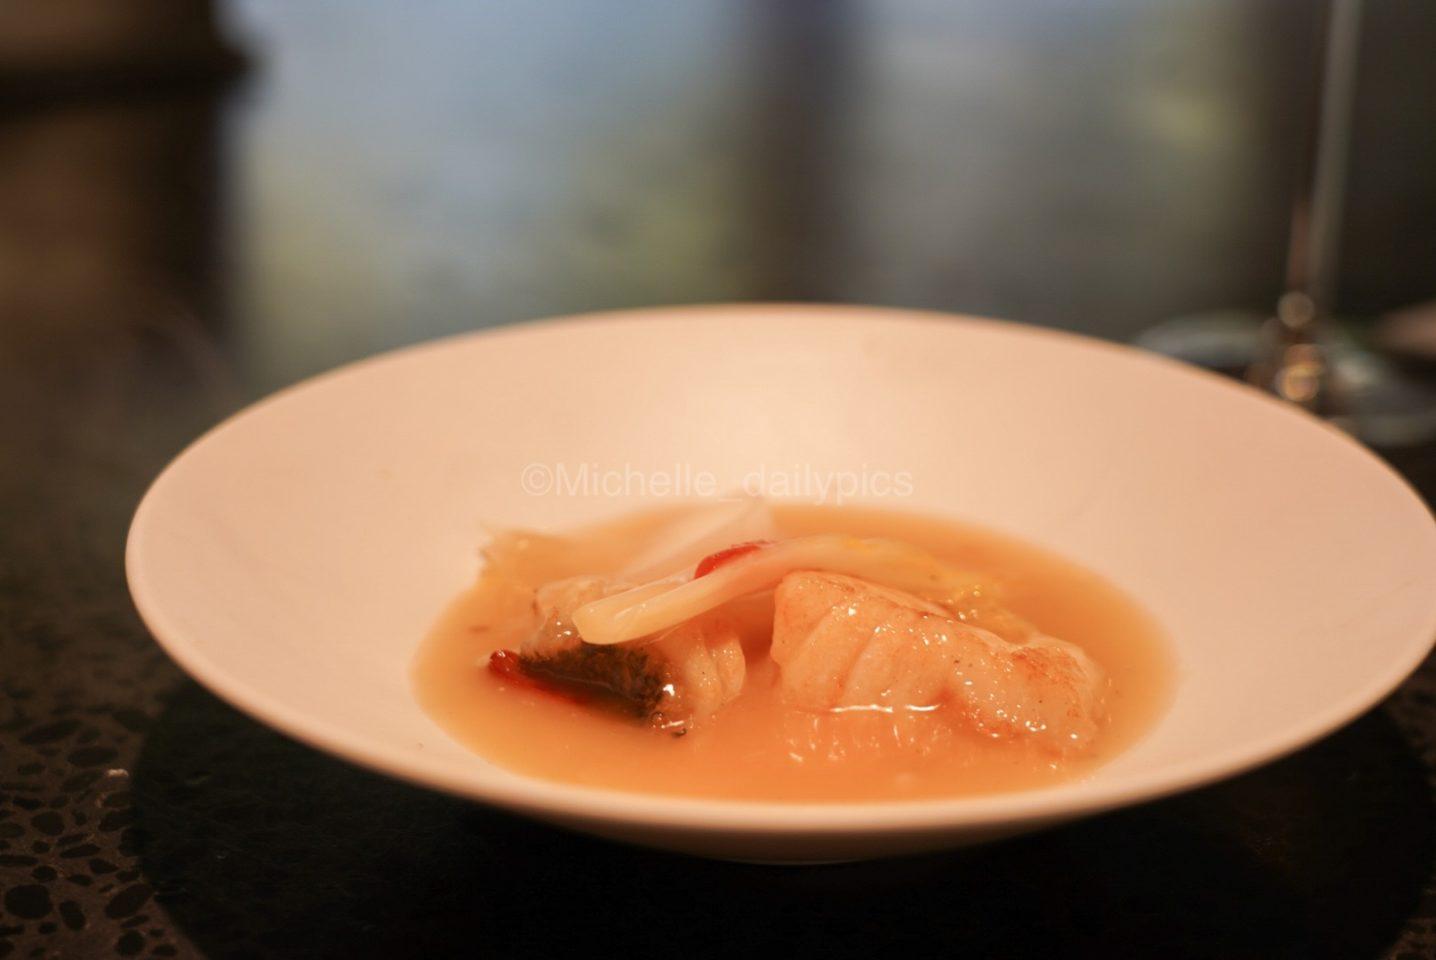 dsc07120 - 鎌倉美食巡り - 和の空間でいただく中華「イチリンハナレ」